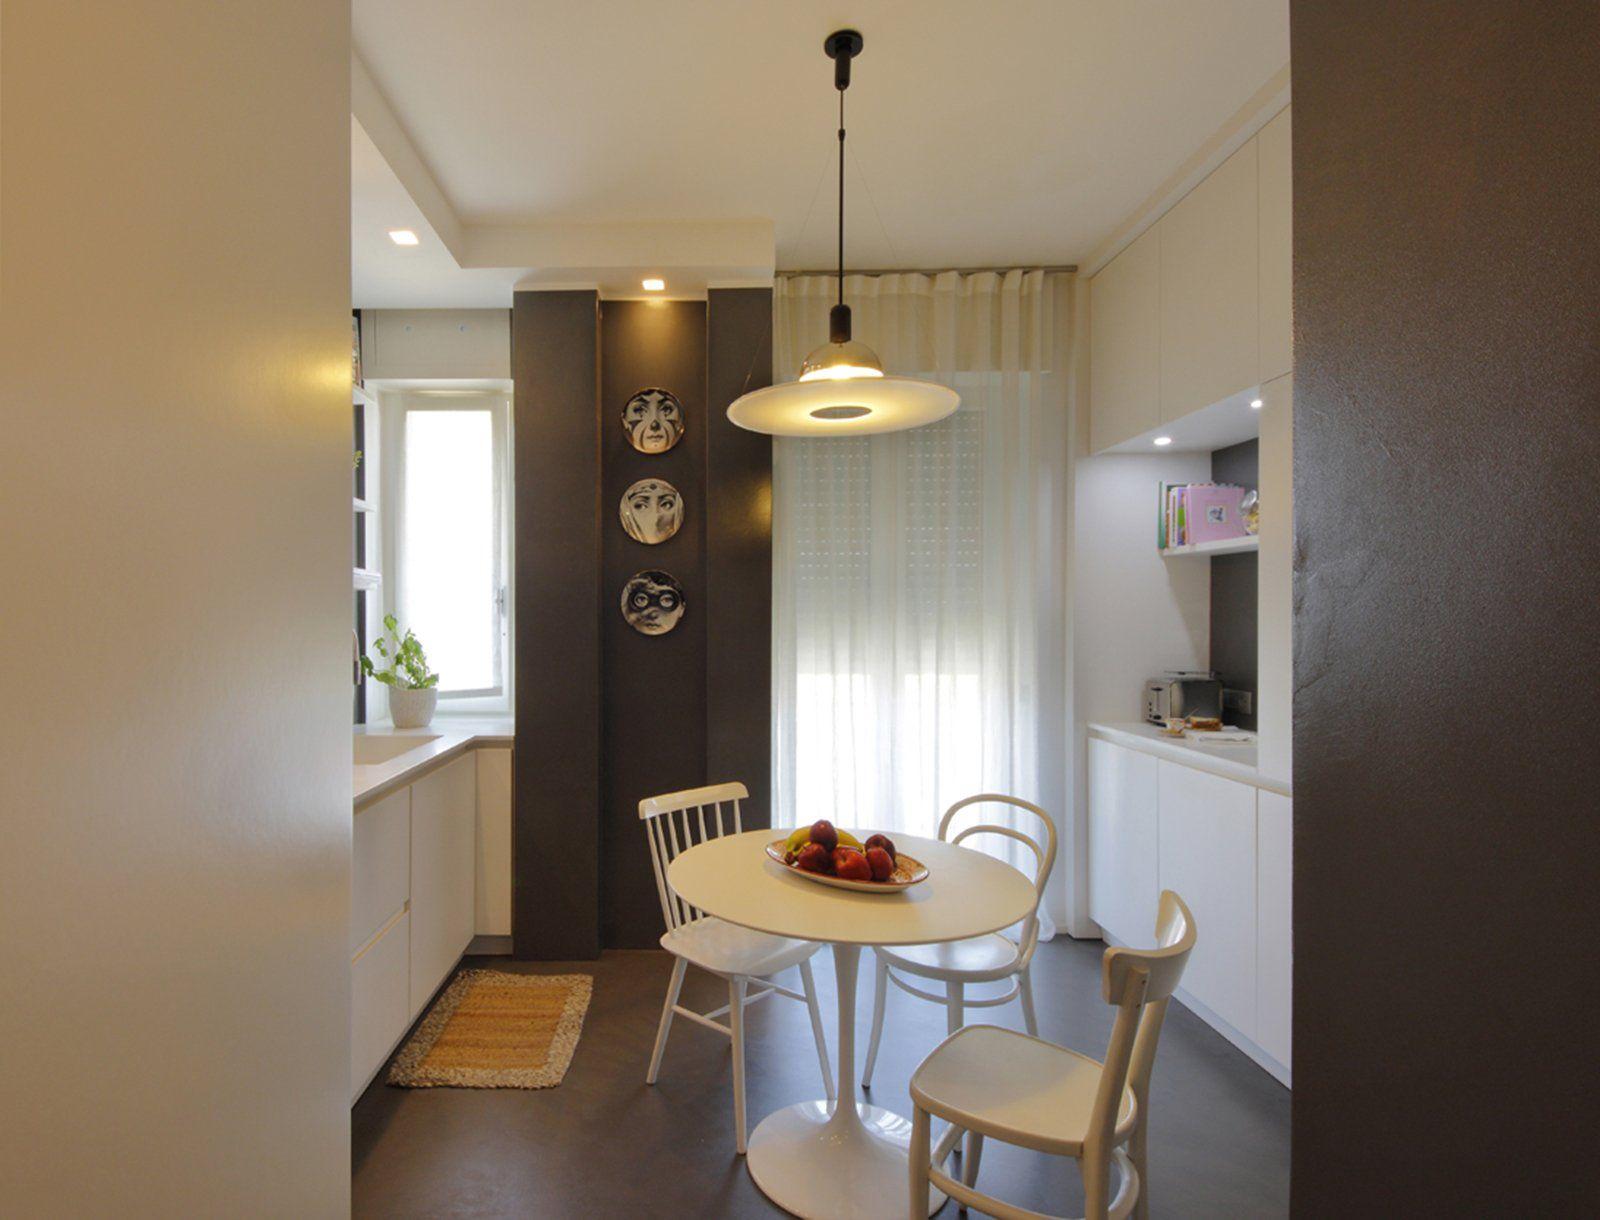 130 mq soggiorno doppio e cucina separata per la casa con bagno e cameretta a pianta irregolari - Termoarredo per bagno 6 mq ...